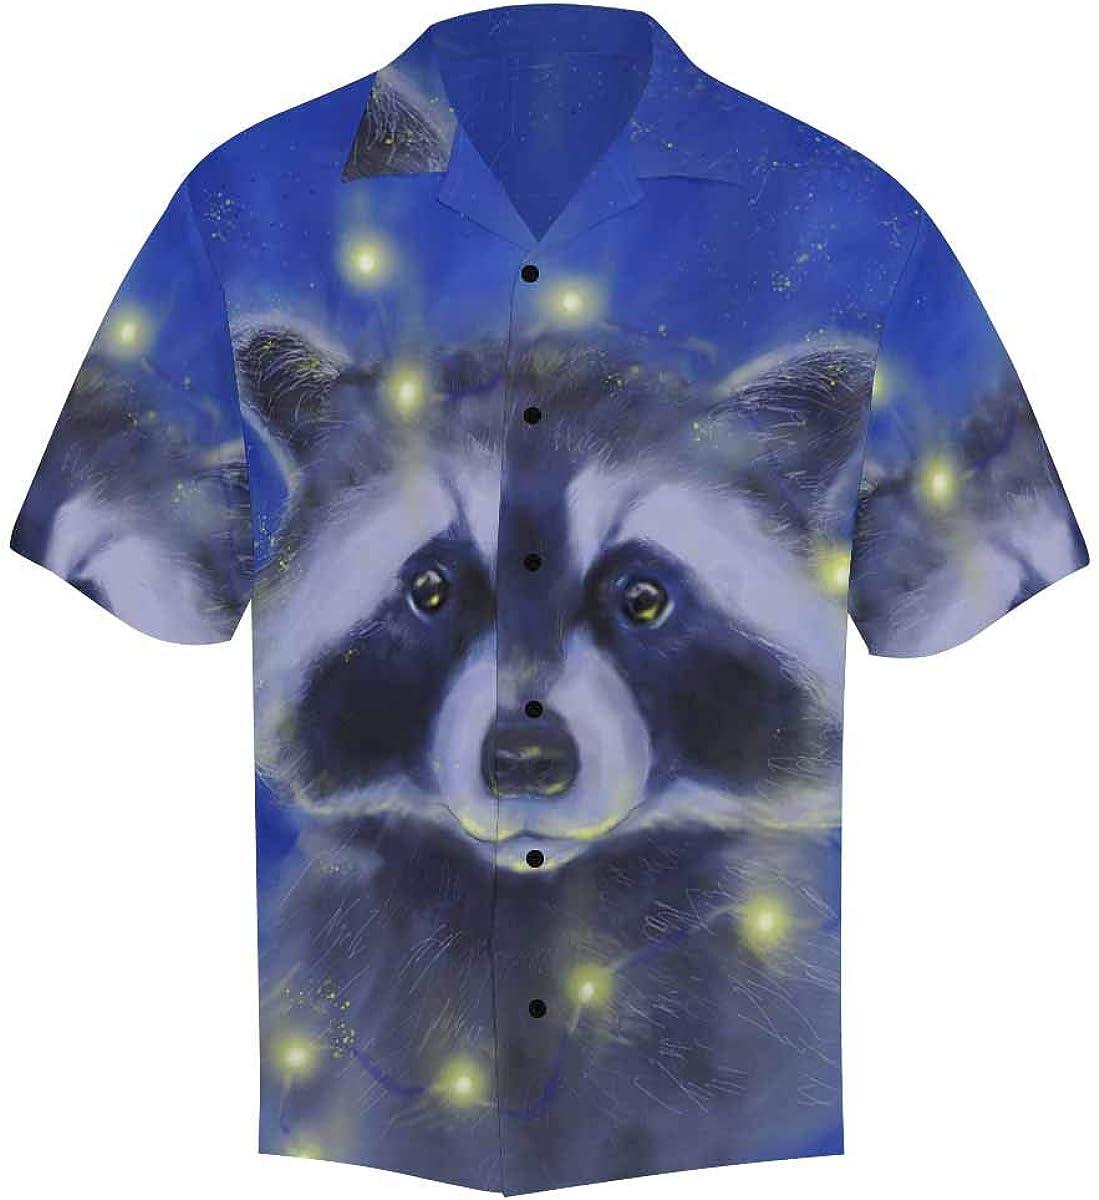 InterestPrint Men's Casual Button Down Short Sleeve Raccoon Blue Hawaiian Shirt (S-5XL)